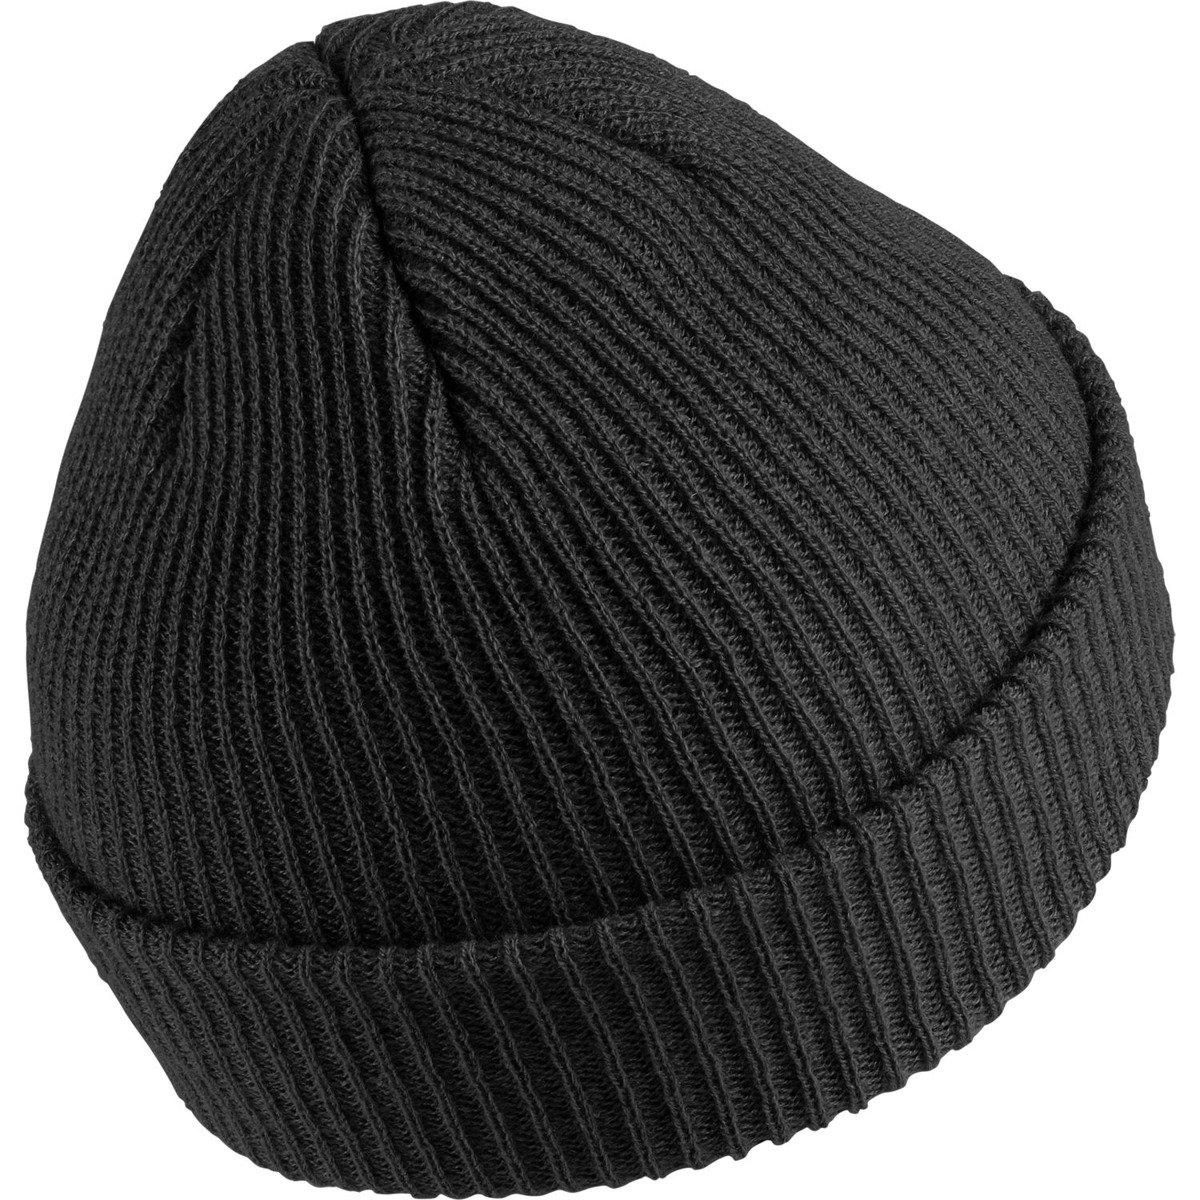 317a220ff Czapka Nike SB Fisherman Beanie Black/white